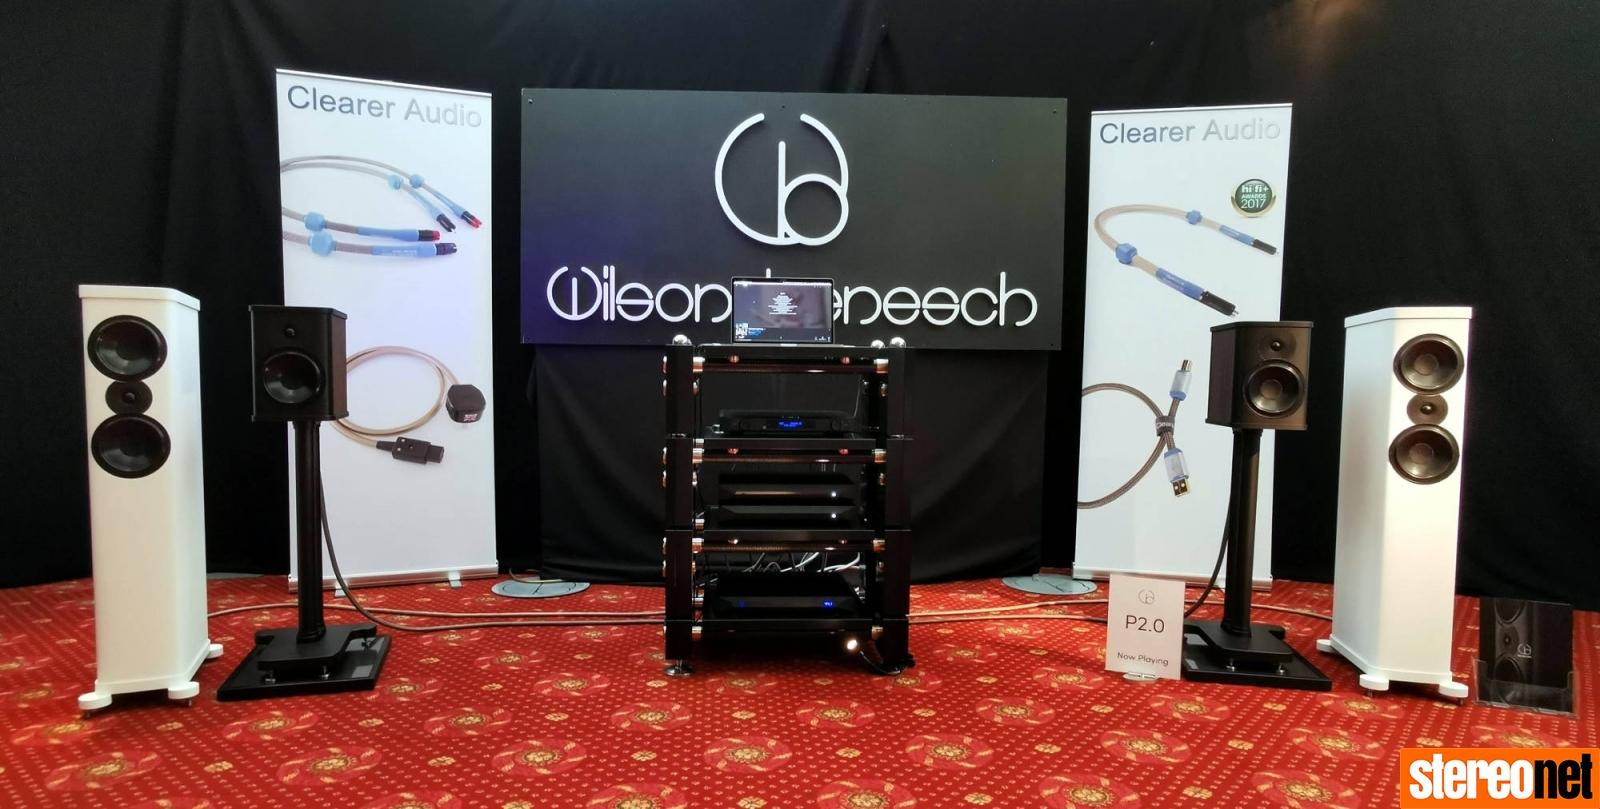 Wilson benesch Bristol Hifi Show Report 2020